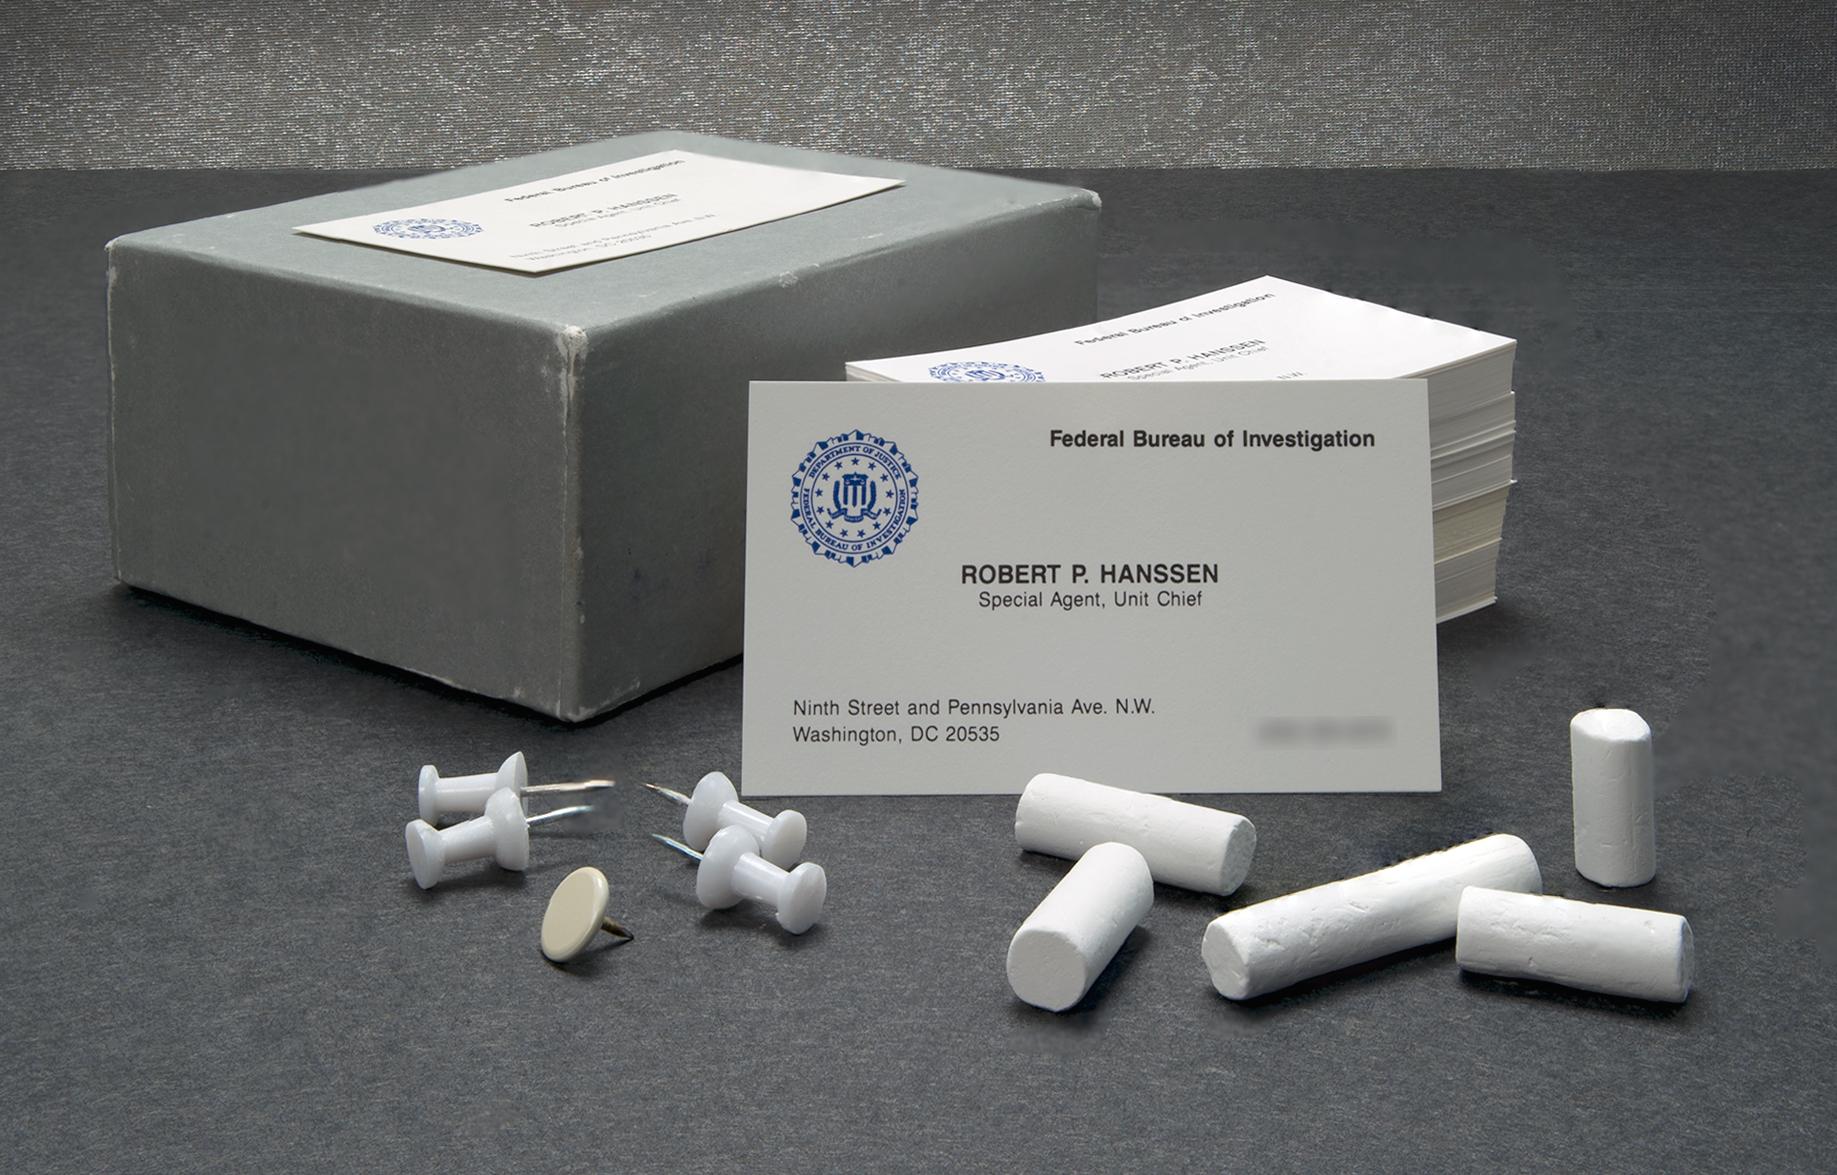 Hanssen's Business Cards